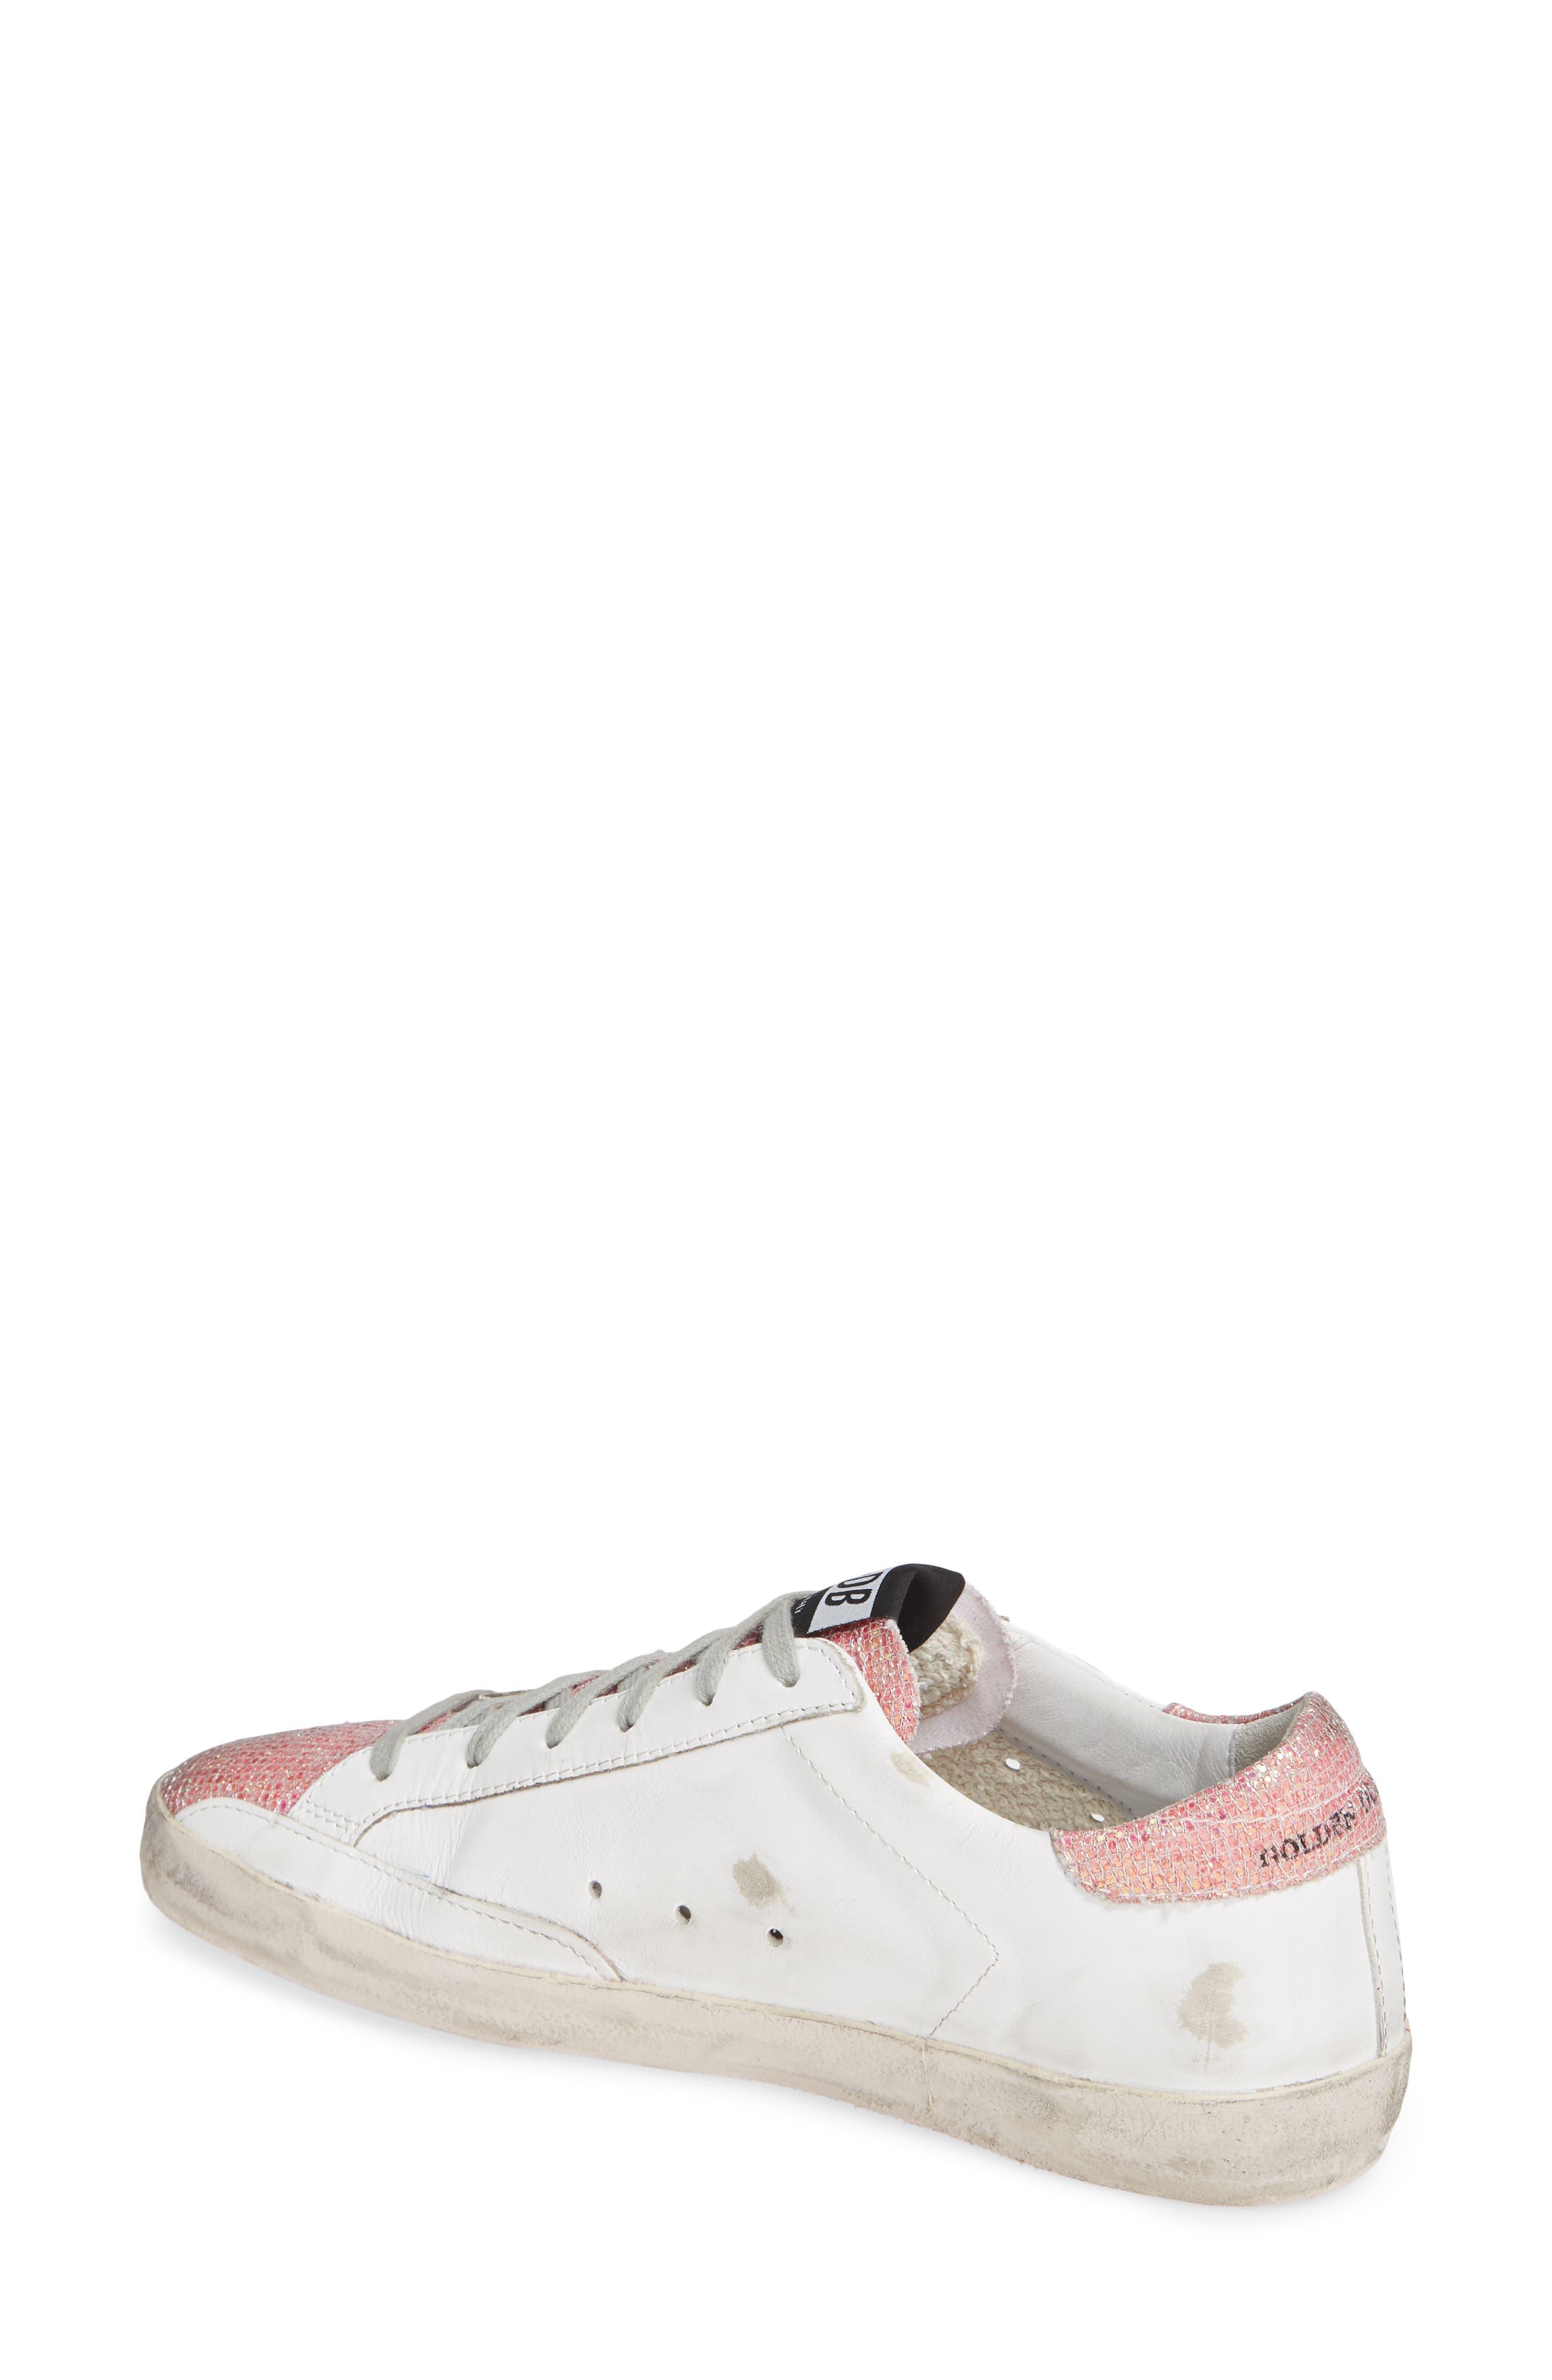 Superstar Sneaker,                             Alternate thumbnail 2, color,                             WHITE/ PINK